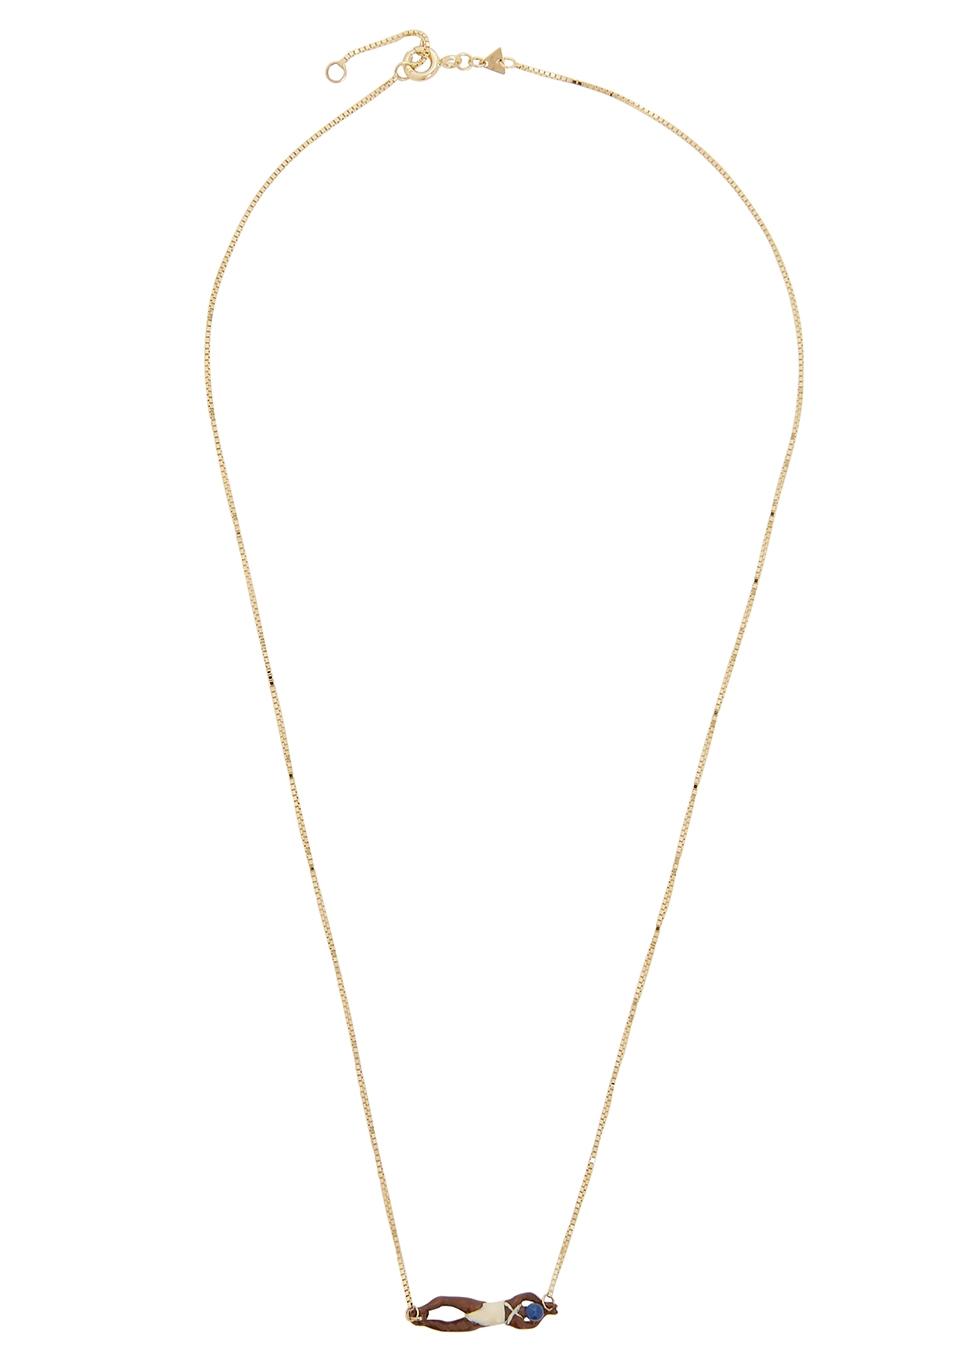 Nadadora Completo 9kt gold necklace